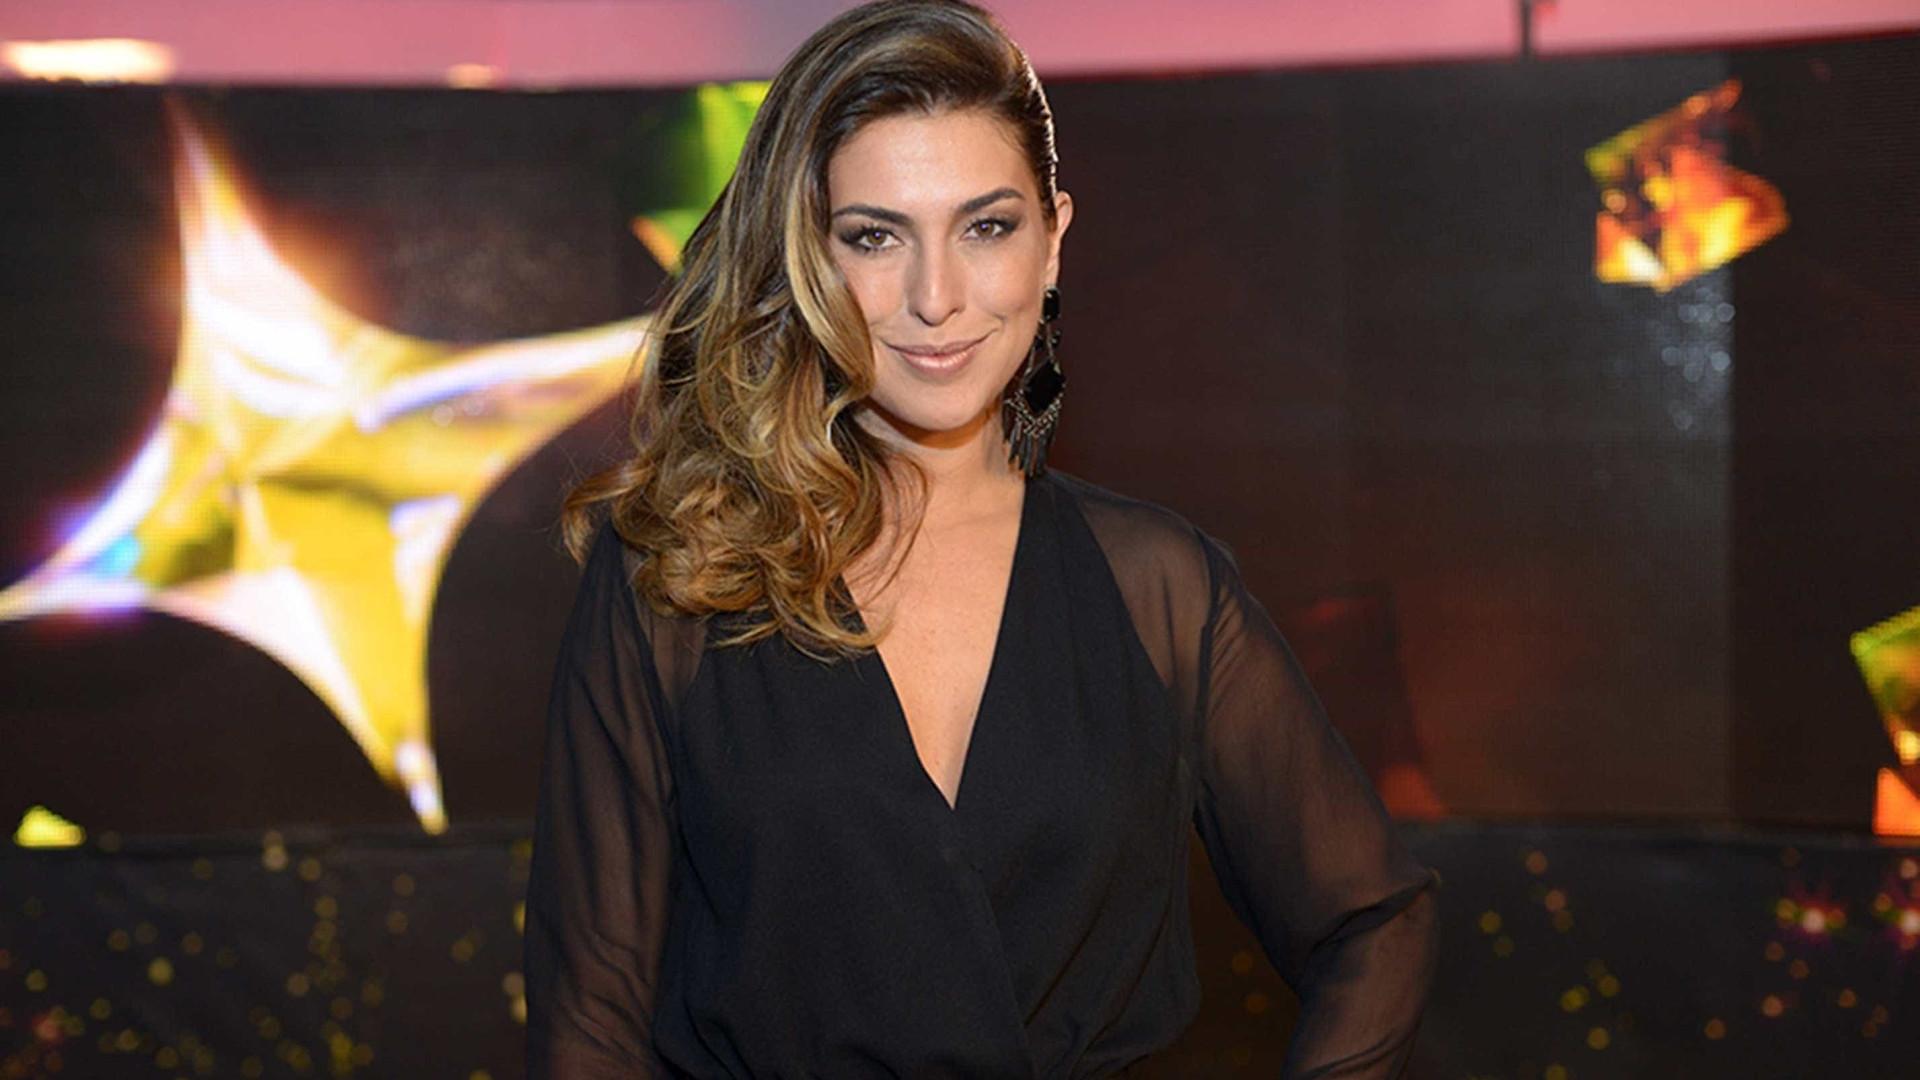 'Príncipe encantado nunca foi prioridade', afirma Fernanda Paes Leme